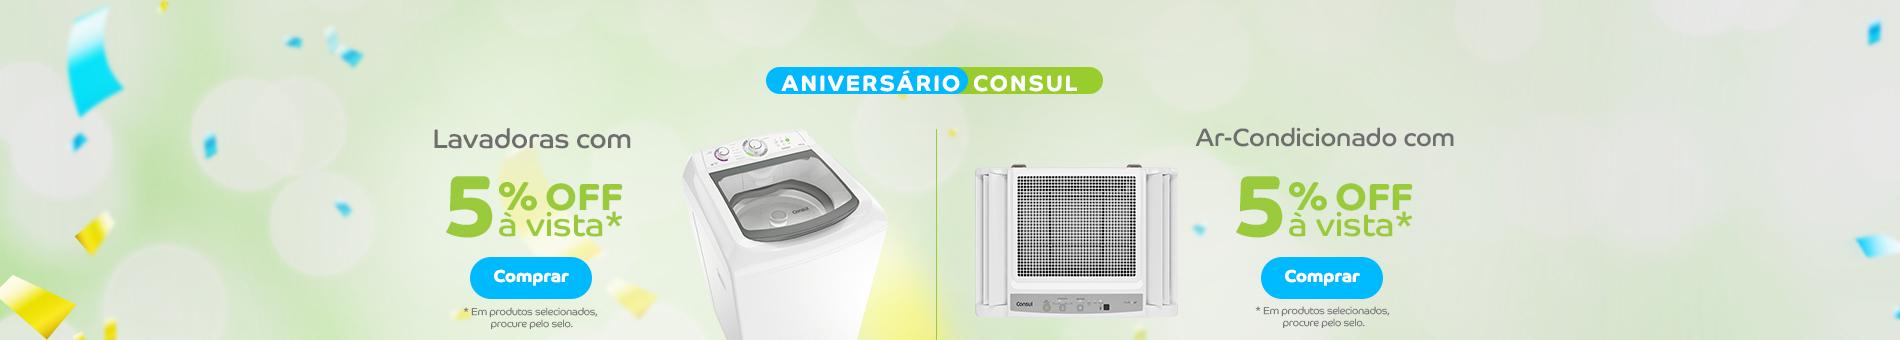 Promoção Interna - 2570 - campanha-aniversario2-pf_lavadoras-ar-5off-duplo_16072018_home6 - lavadoras-ar-5off-duplo - 6